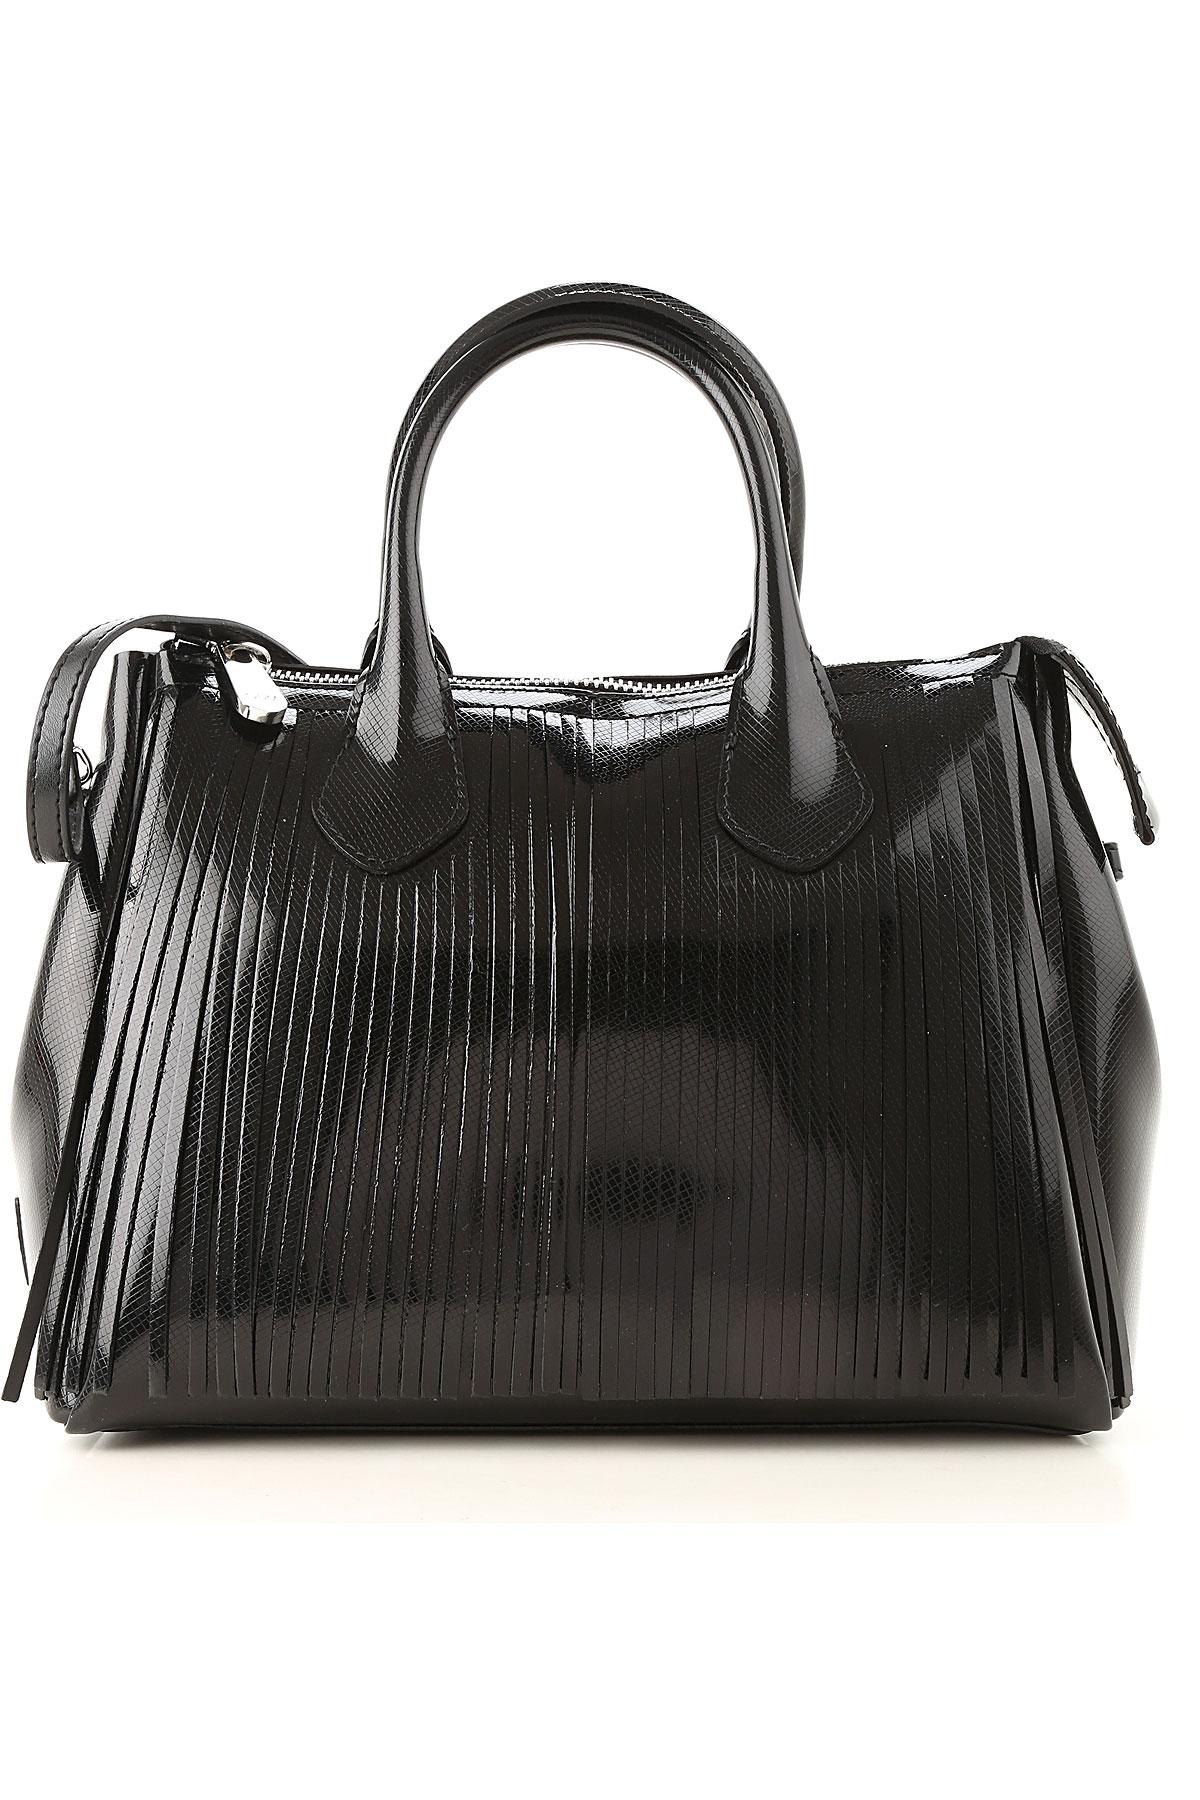 Image of GUM Gianni Chiarini Design Top Handle Handbag, Black, Patent Leather, 2017